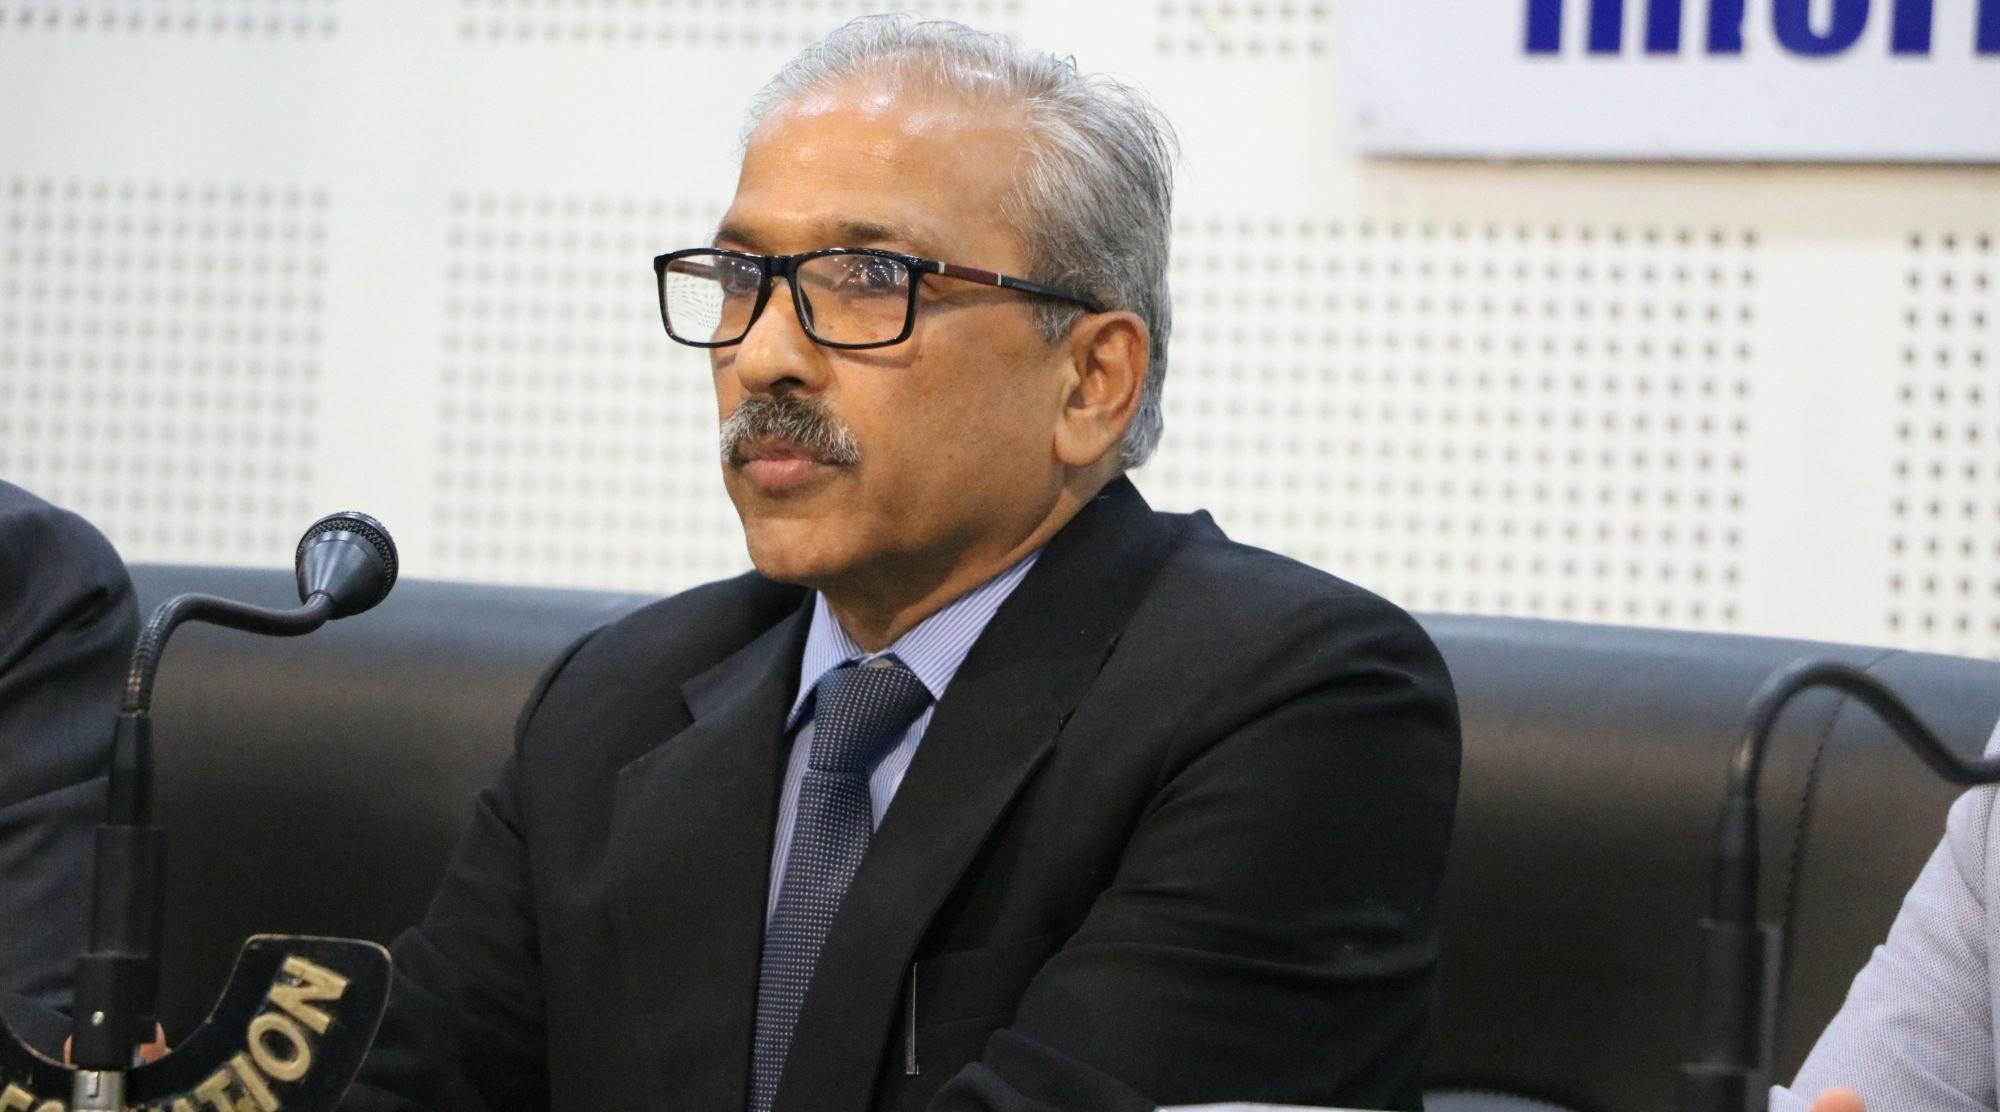 AP Maheshwari, Senior IPS Officer Appointed Director General of CRPF